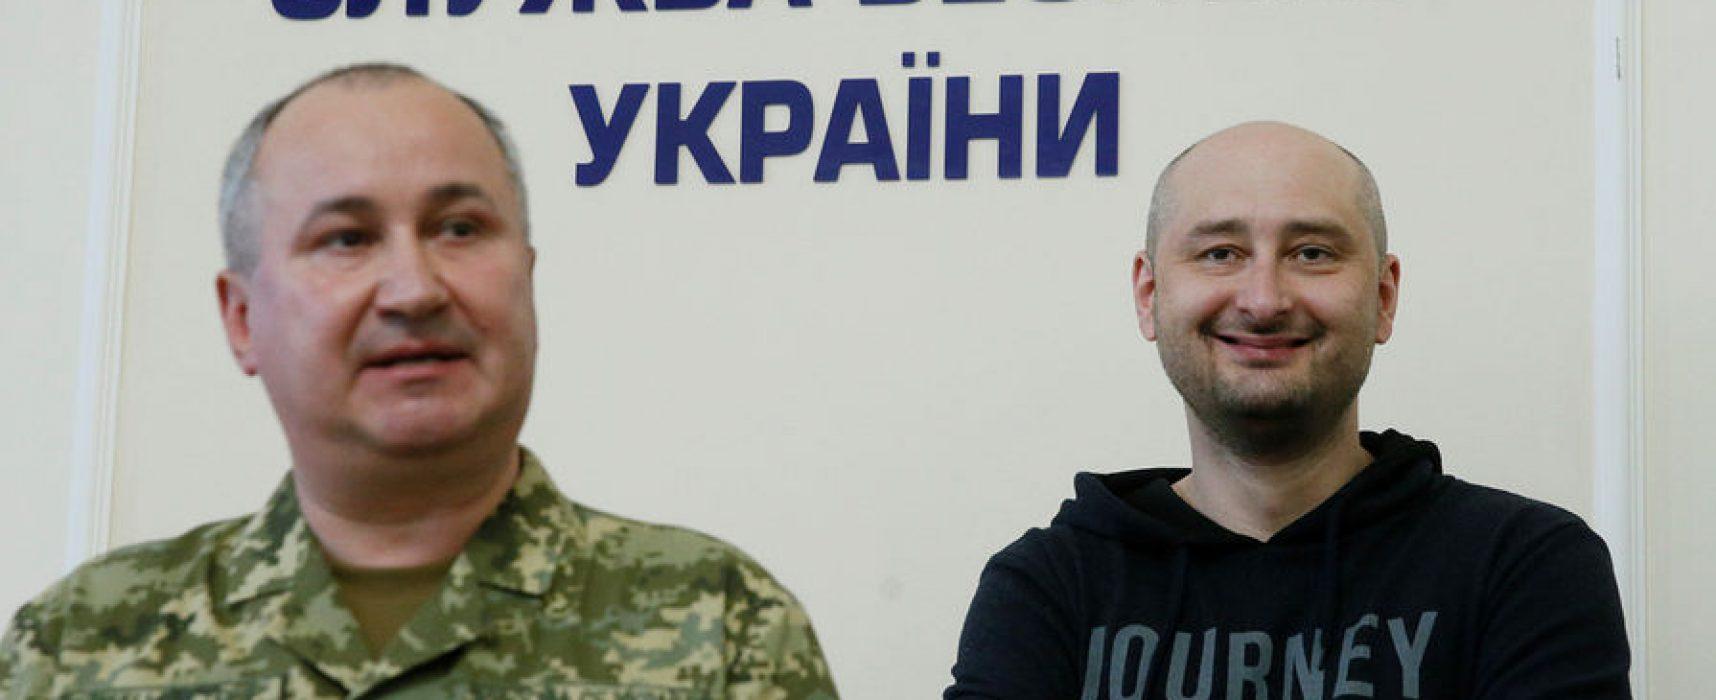 """El """"asesinato"""" del periodista Arkady Babchenko – primeras reacciones de los medios rusos"""